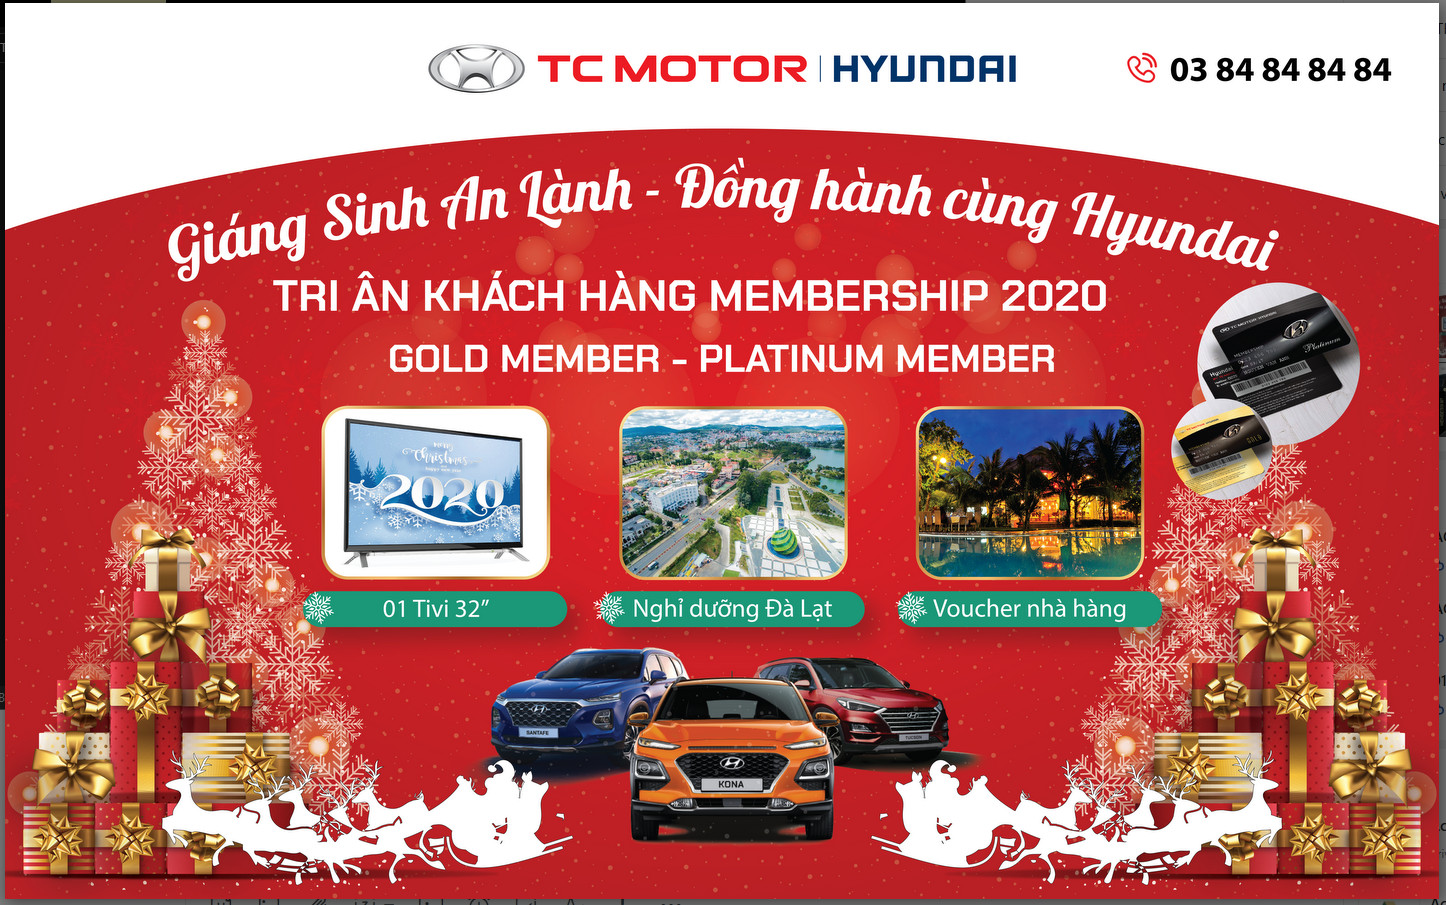 Giáng Sinh An Lành - Đồng Hành Cùng Hyundai